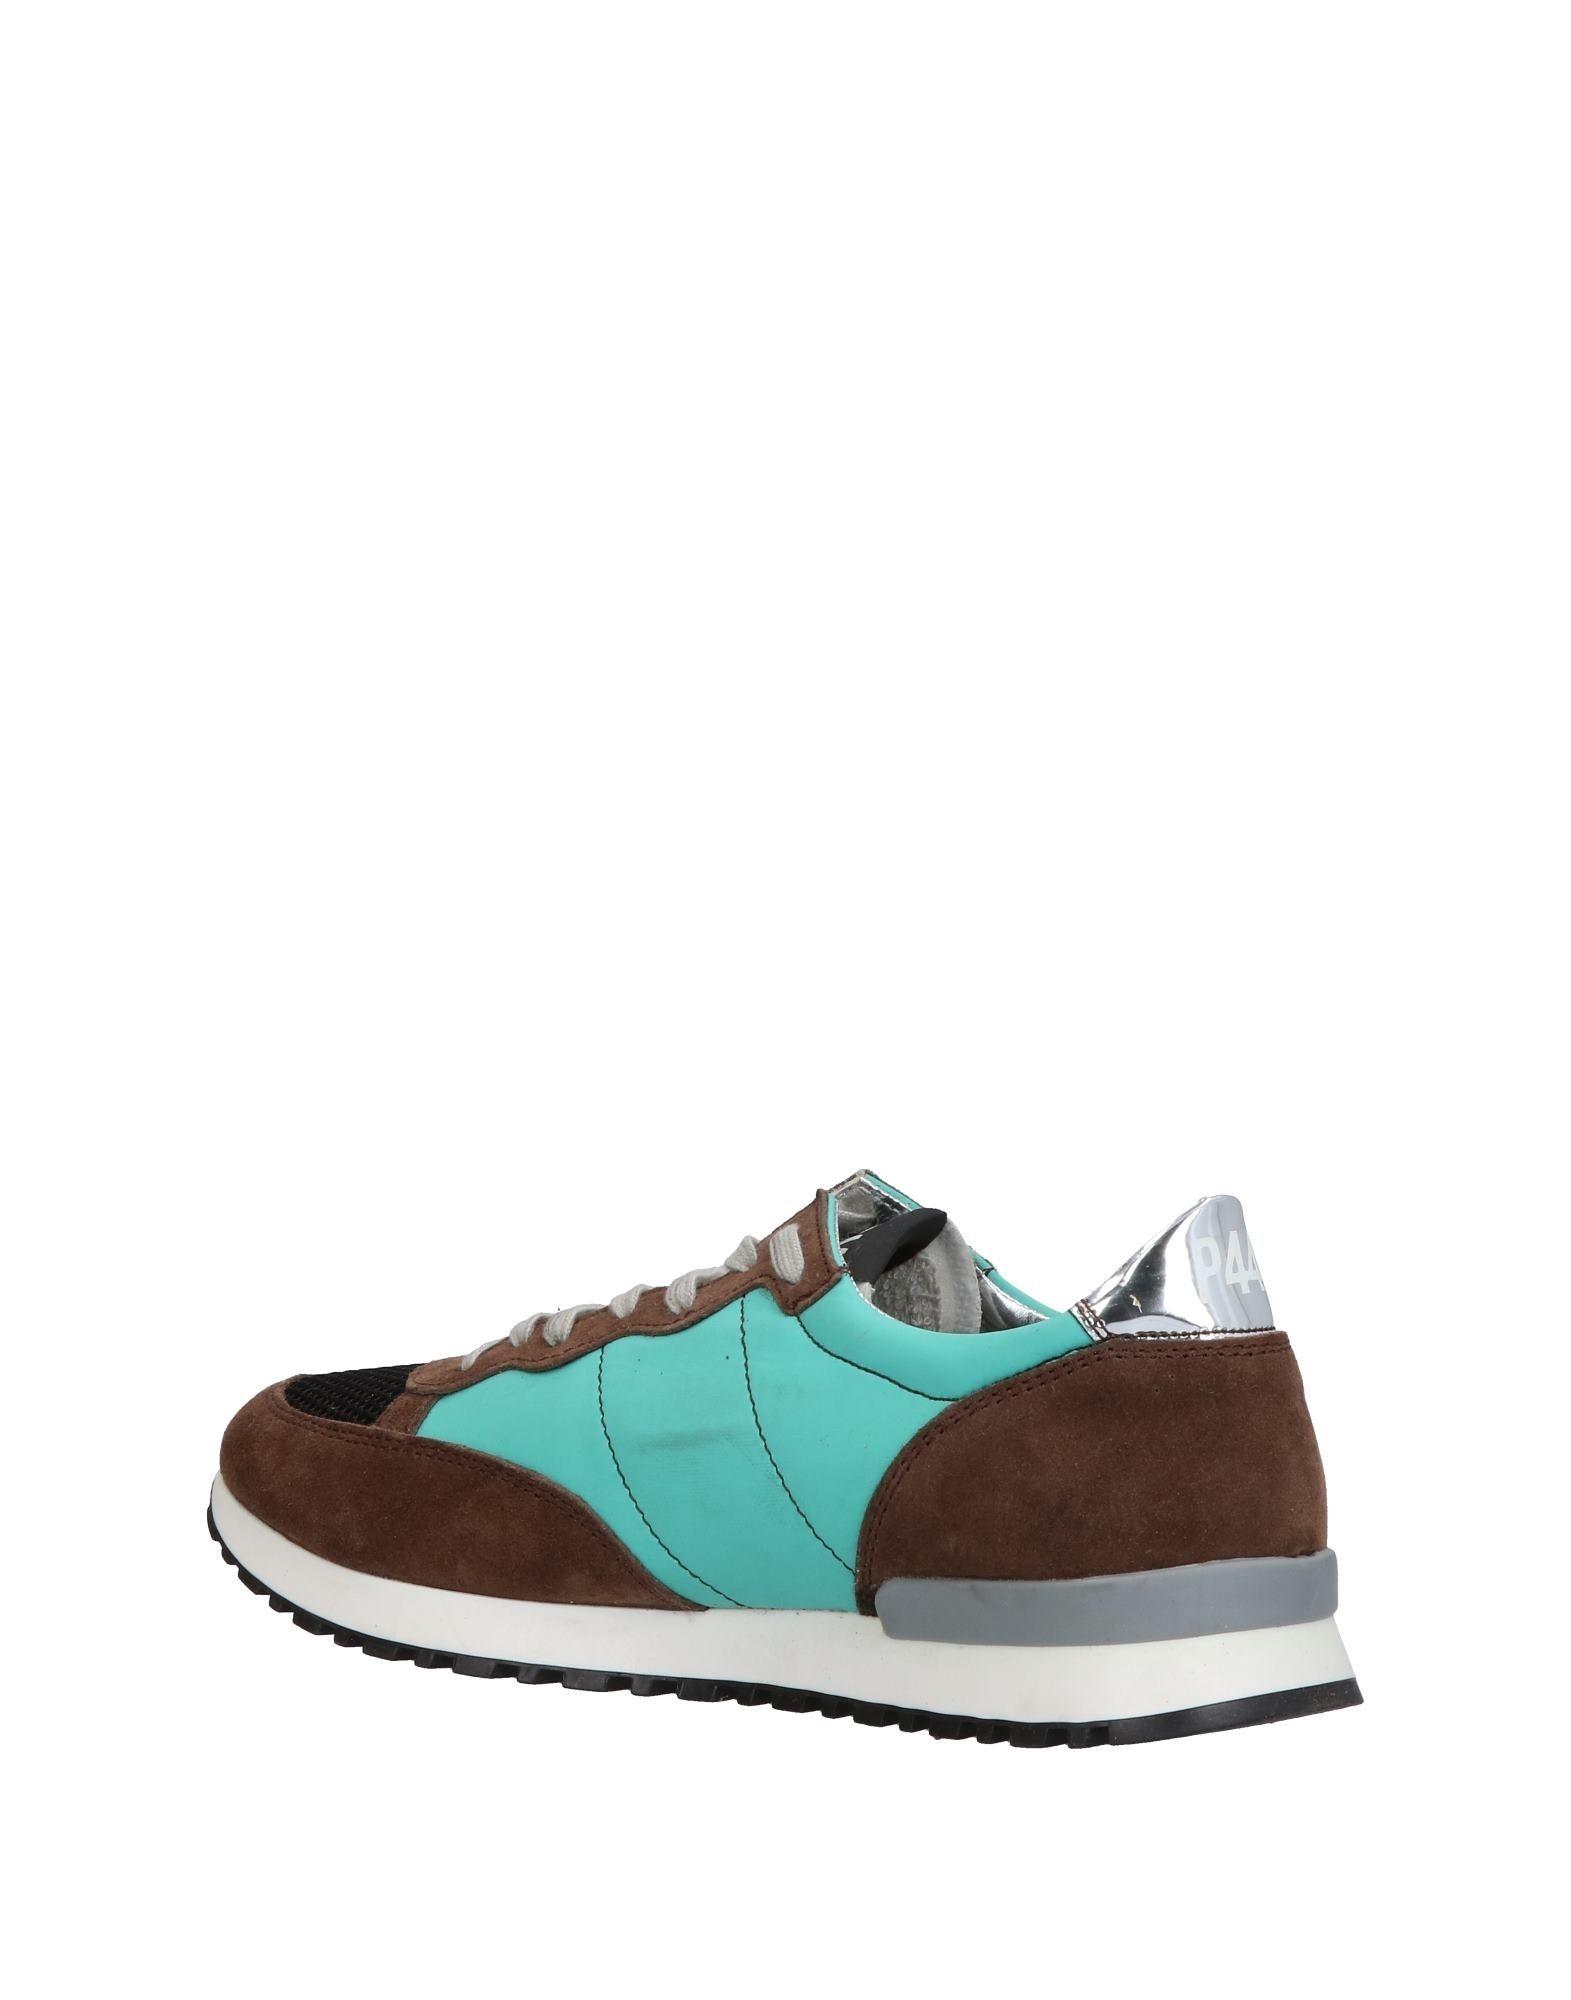 P448 Schuhe Sneakers Herren  11353281VT Heiße Schuhe P448 09d365